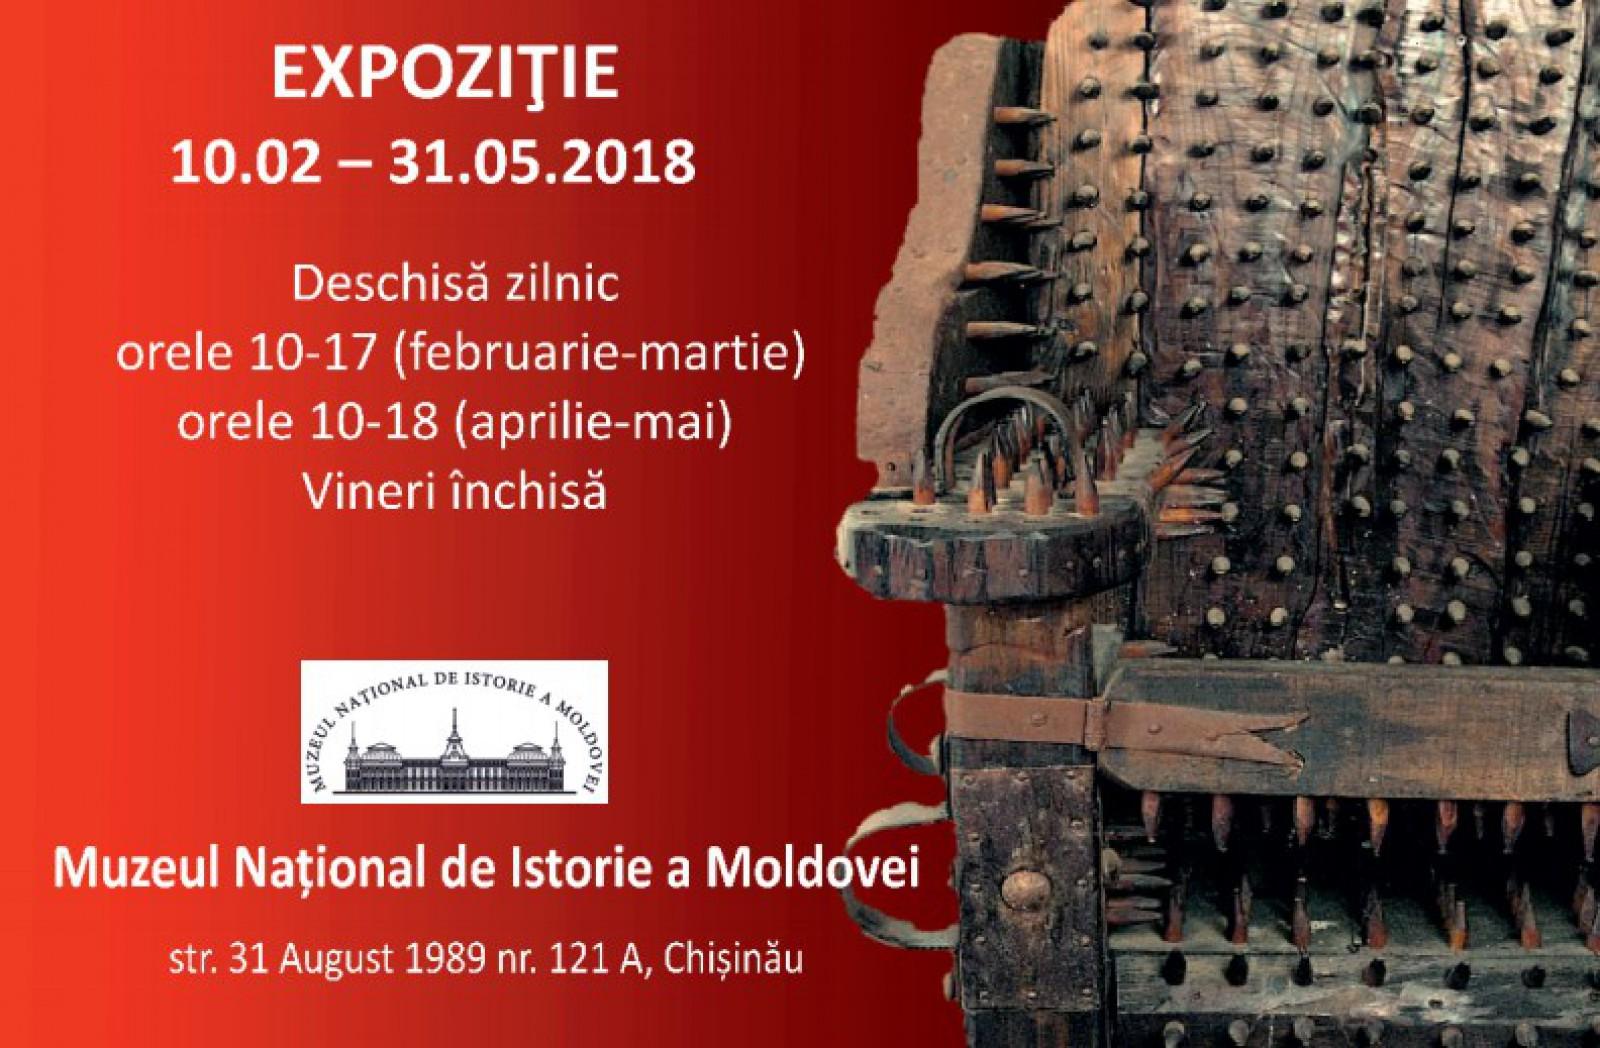 Gustul cruzimii de-a lungul secolelor. Expoziție de instrumente medievale de tortură la Chișinău